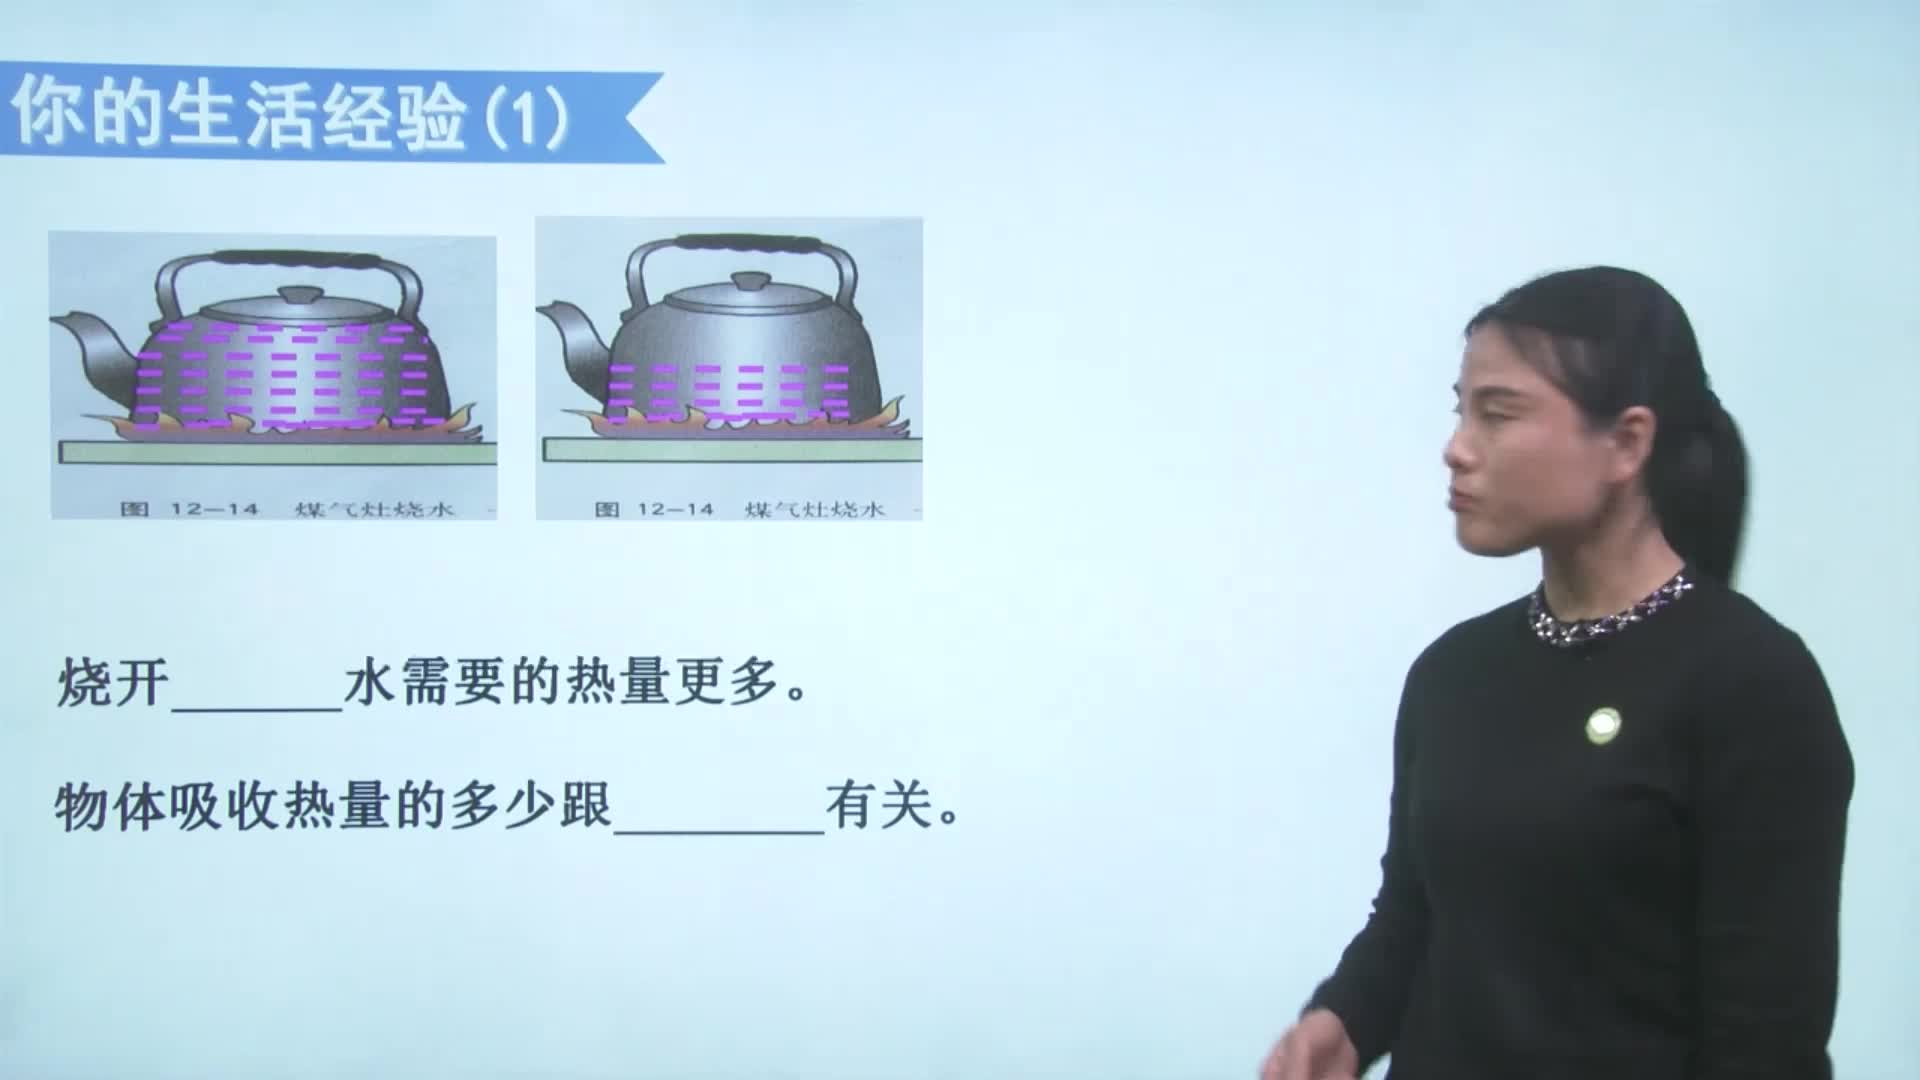 視頻13.3.1 比熱容-【慕聯】初中完全同步系列人教版物理九年級全冊